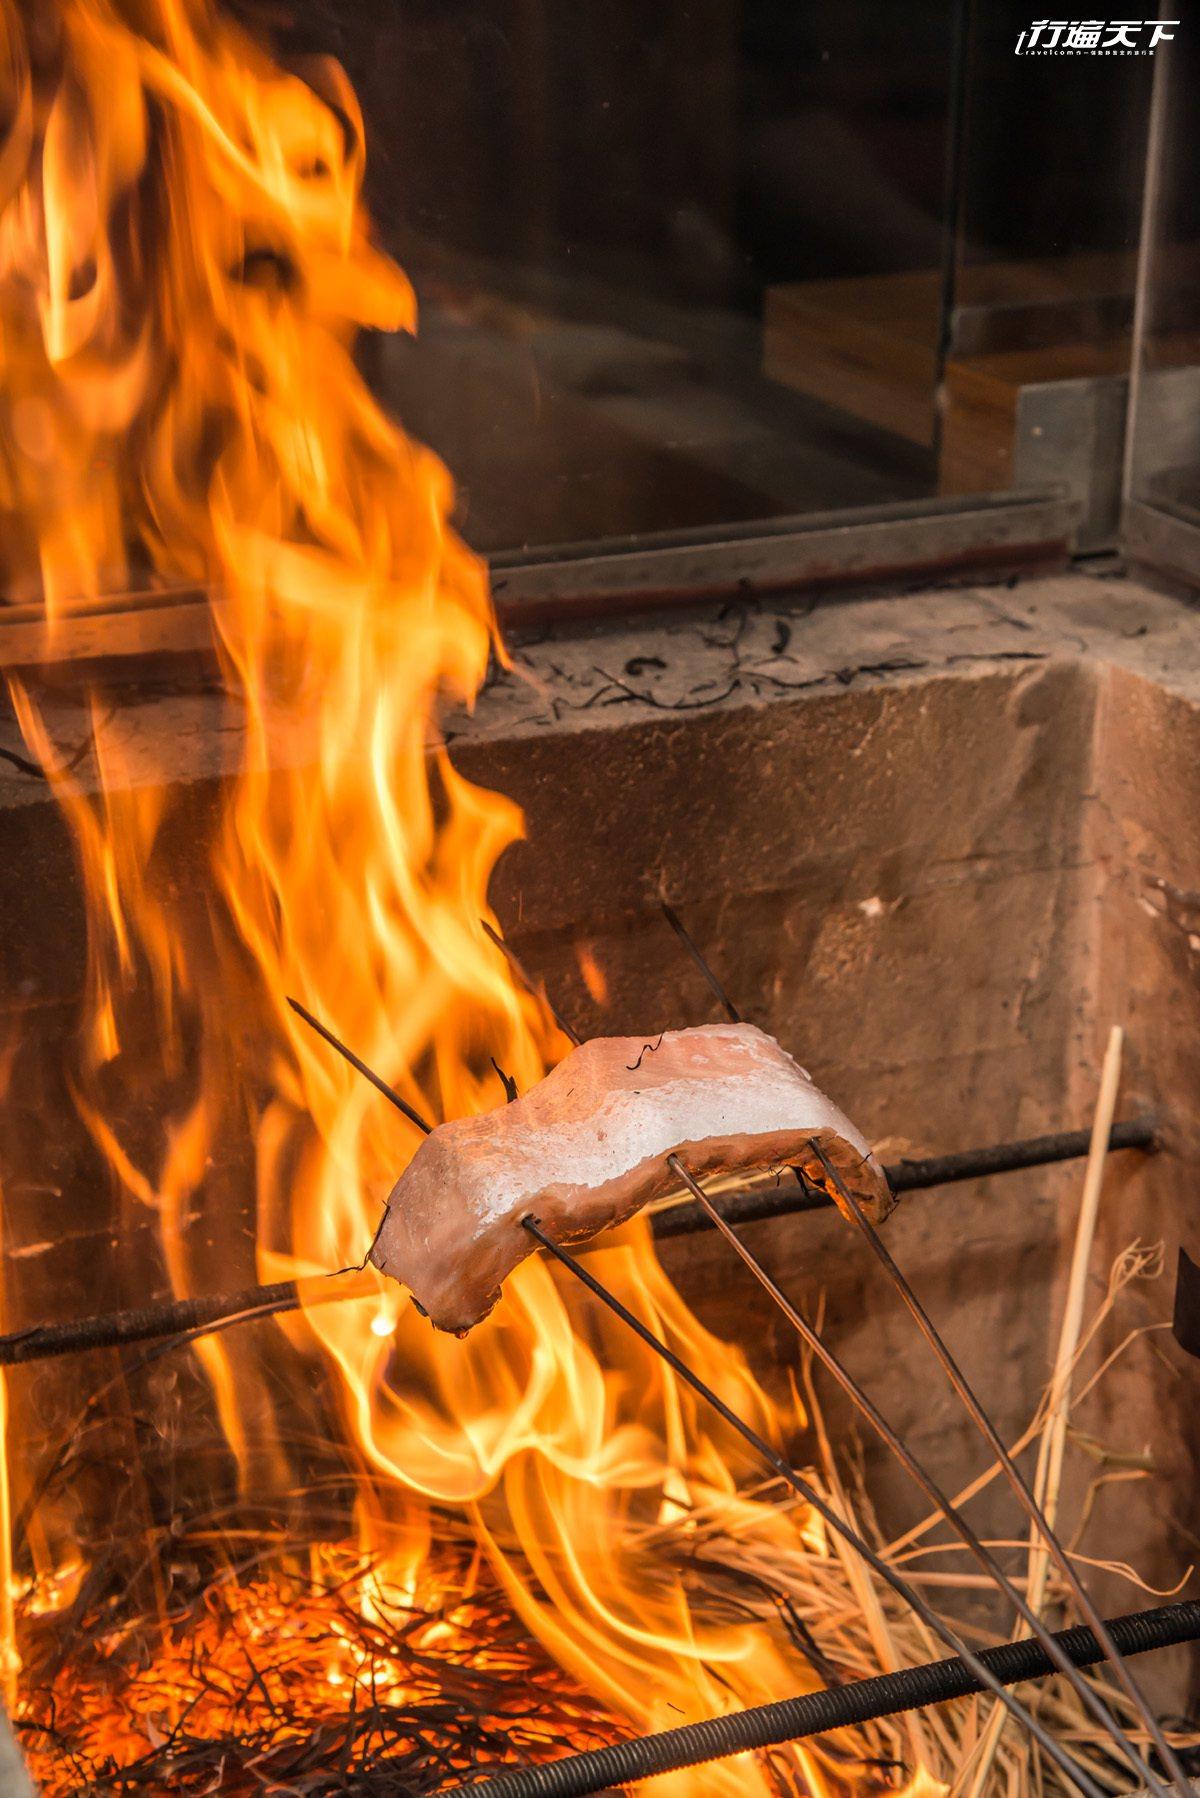 使用無農藥稻草,燃起的大火包覆新鮮魚肉,充滿煙燻稻草香氣。